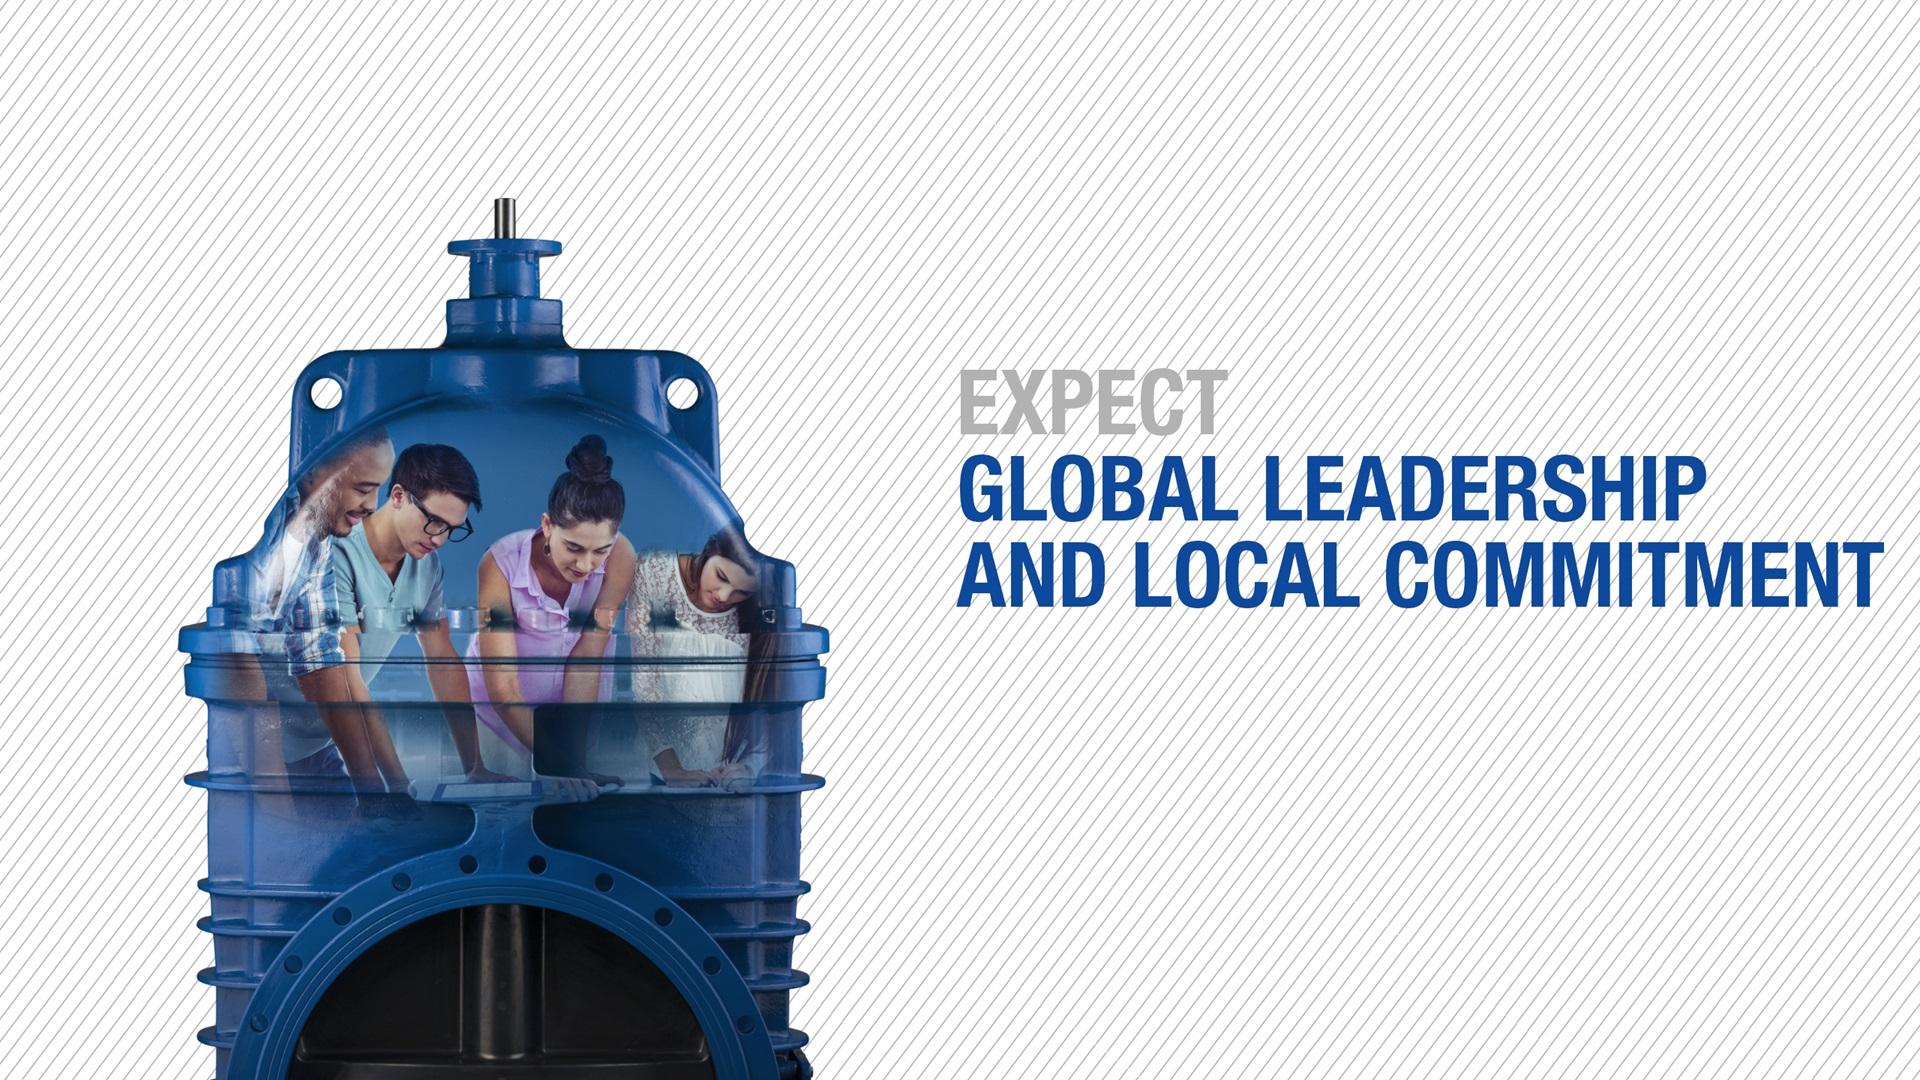 Forvent globalt lederskap og lokalt engasjement fra AVK